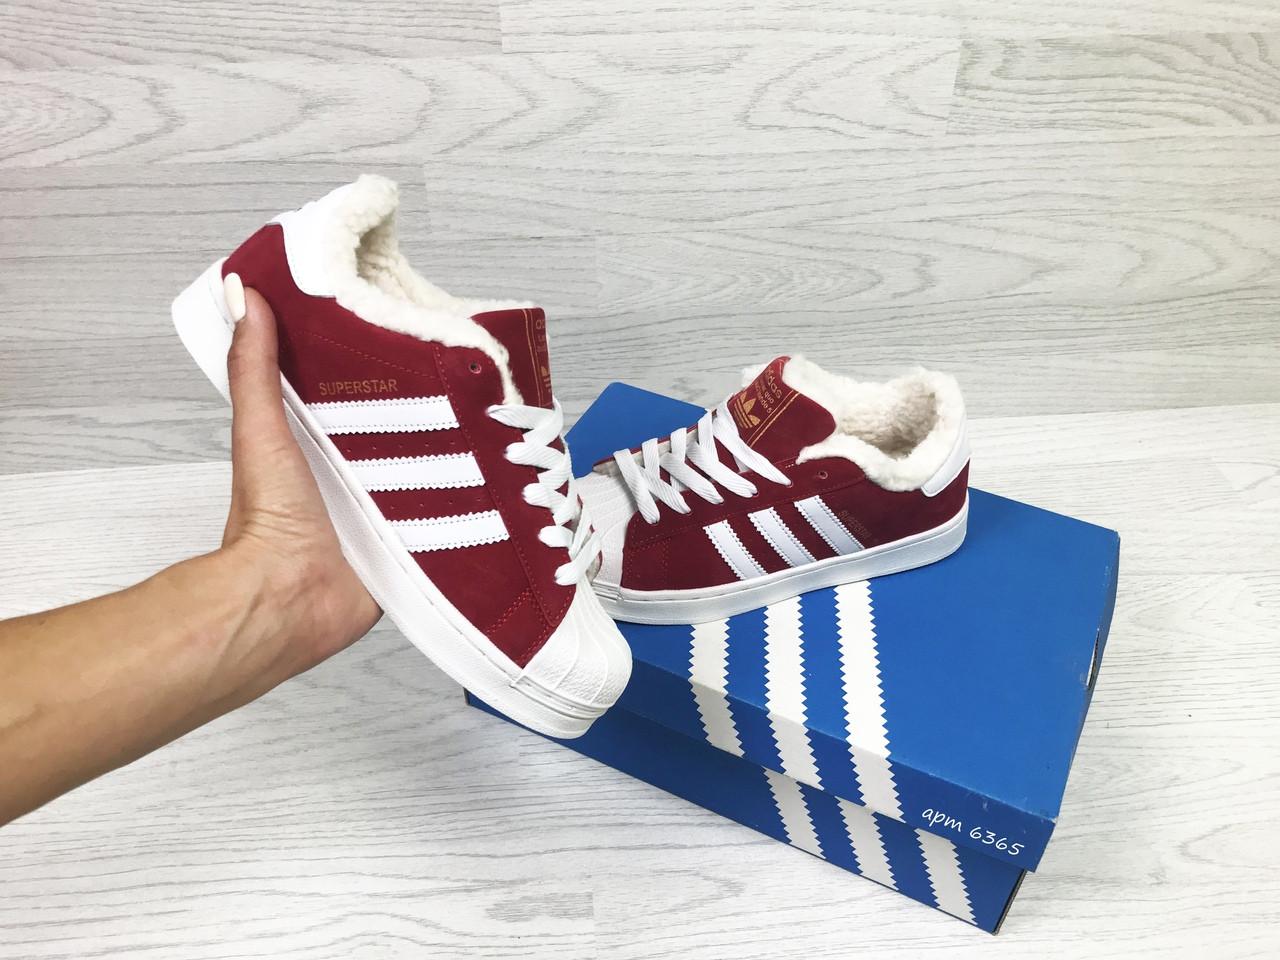 8506d999f73b45e  Кроссовки в стиле Adidas Superstar (красные) женские  зимние кроссовки код товара 6365 cfa886f5542b51e ... bdfb67c123df2